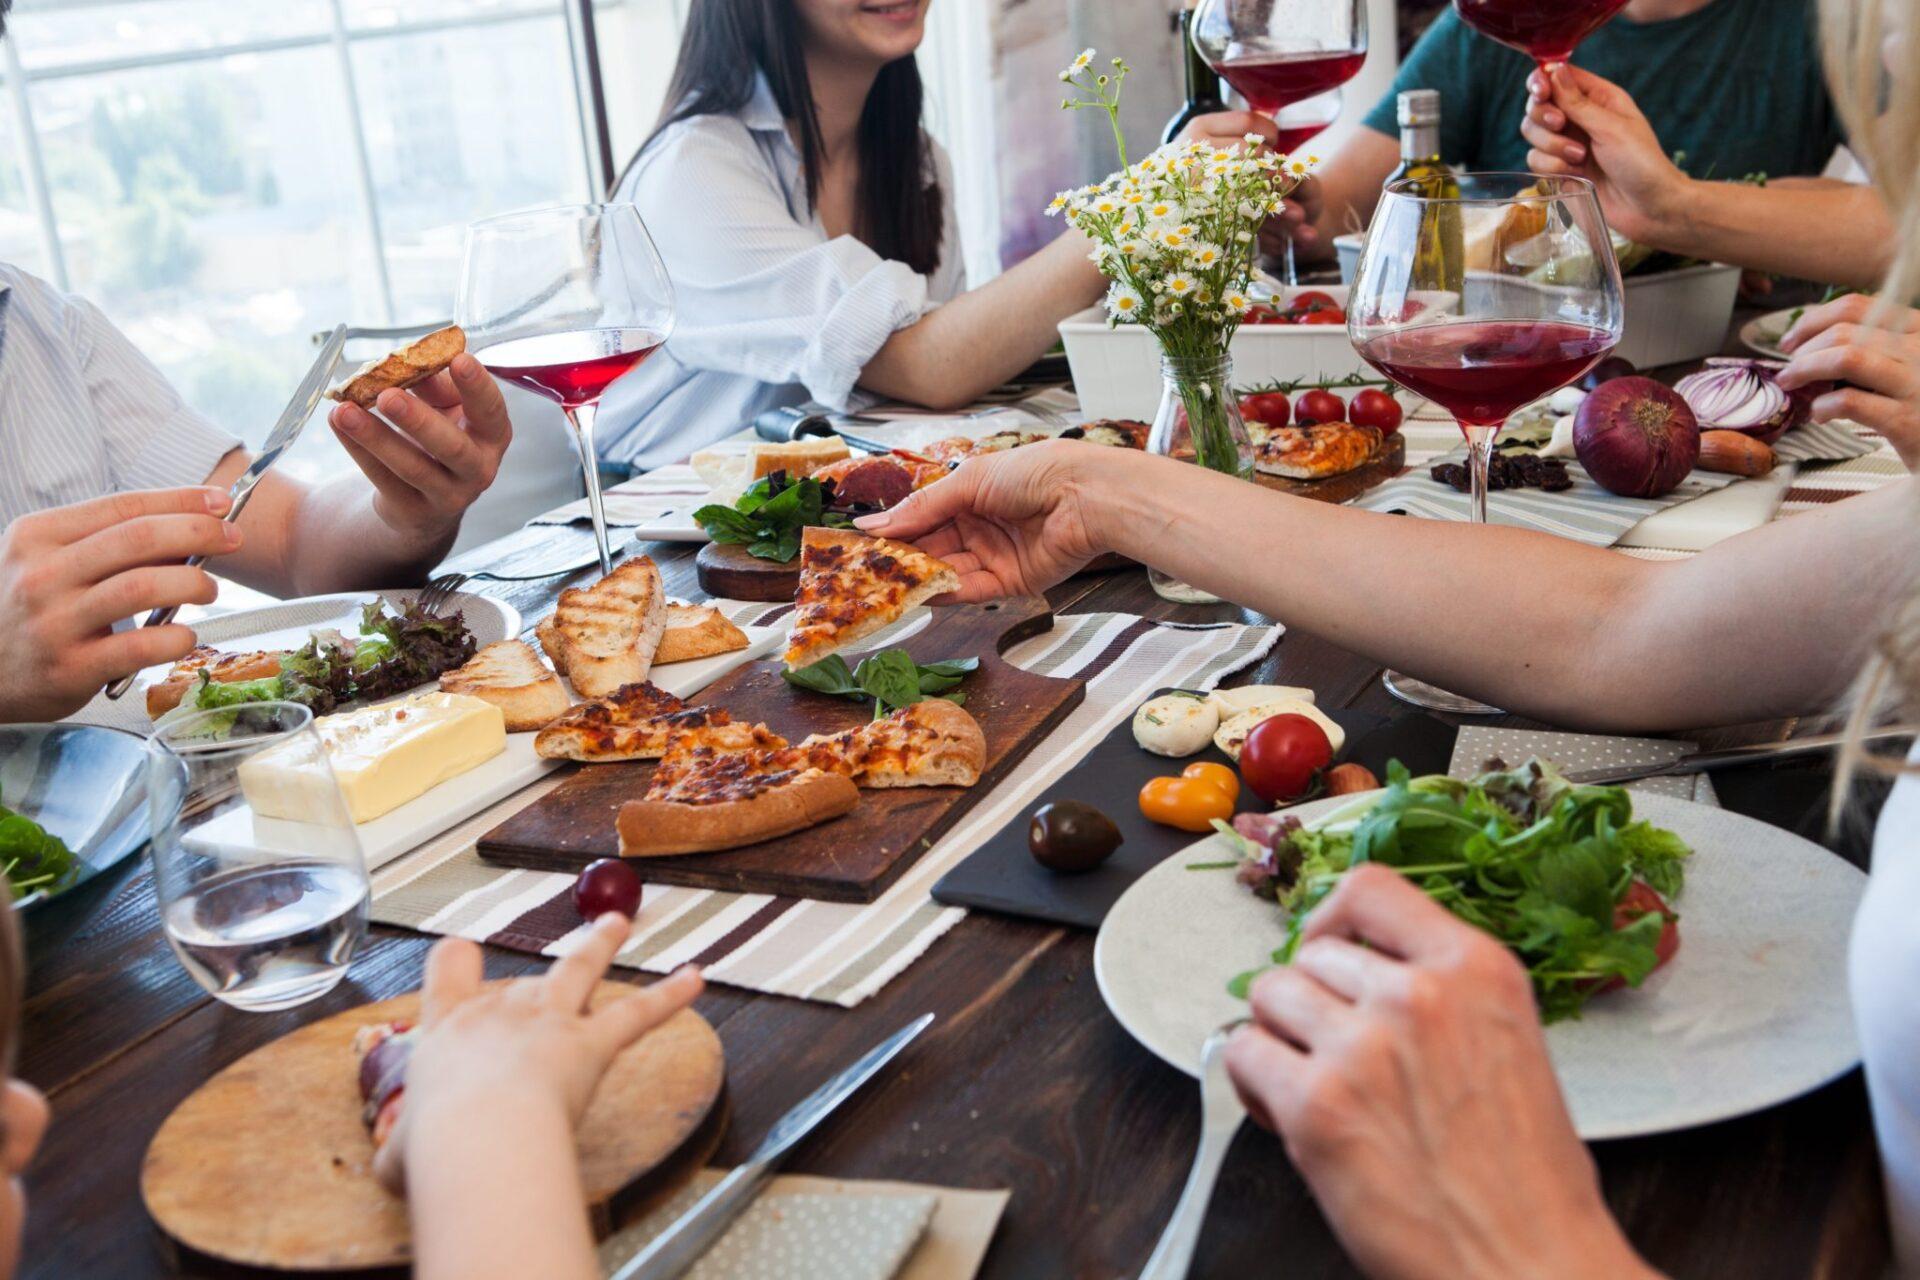 気をつけて!マスクのルール。シンガポールでは外食時に曖昧な部分が。   SingaLife    在シンガポール日本人向けのフリーマガジン。グルメ、習い事、ビジネス、教育など充実の内容満載のウェブサイト